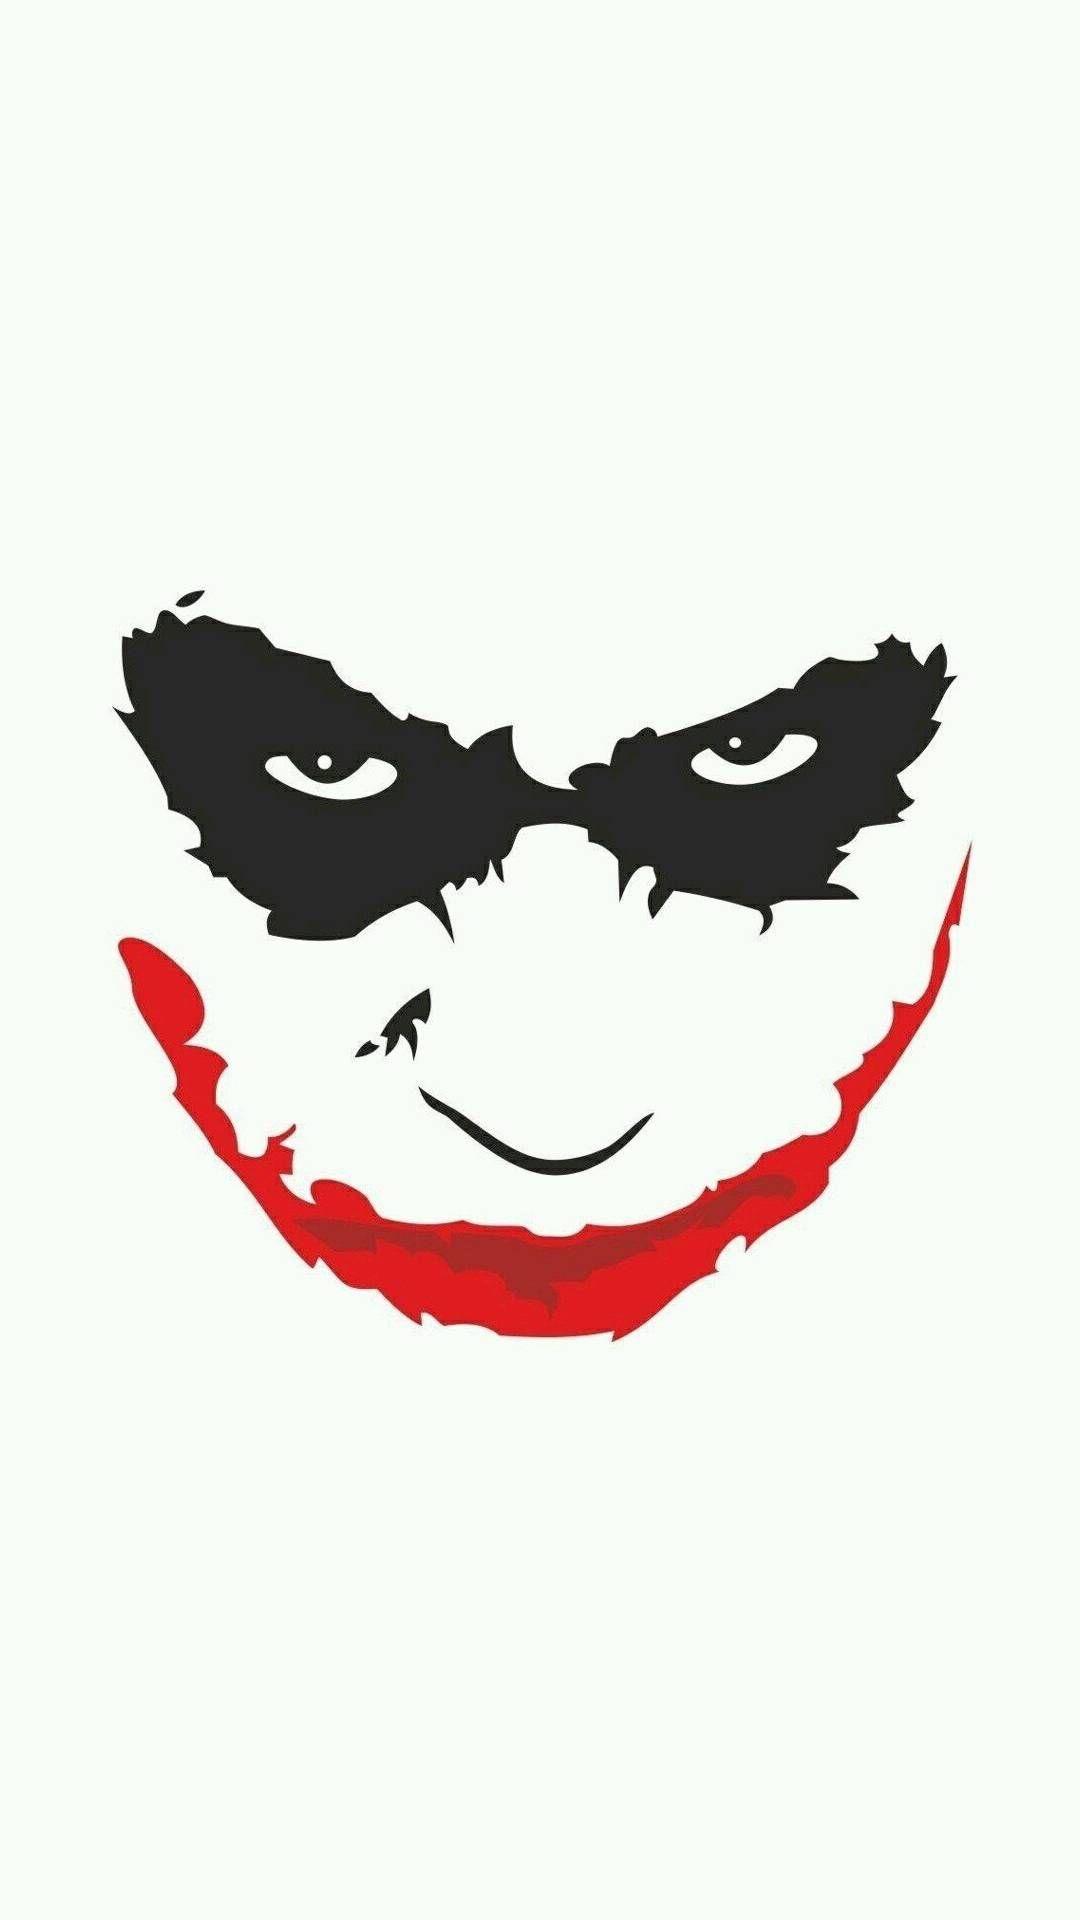 Joker Face Iphone Wallpaper Joker Iphone Wallpaper Joker Wallpapers Joker Hd Wallpaper